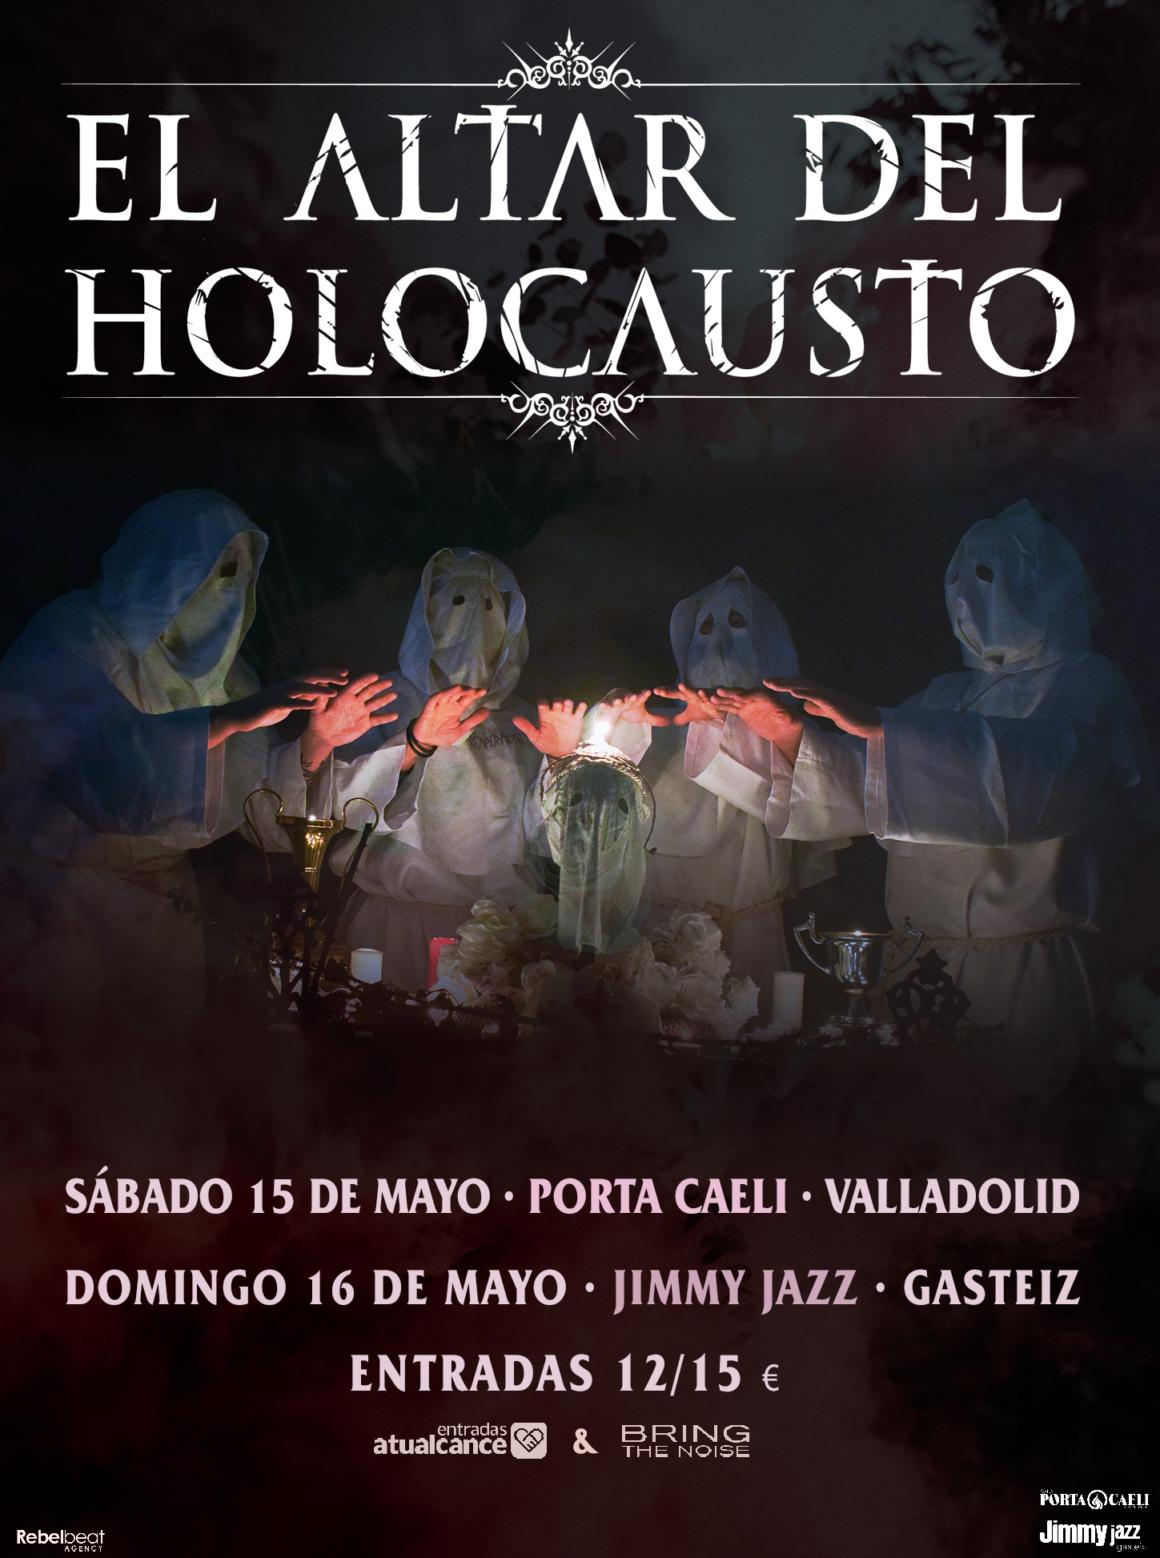 El Altar del Holocausto actuará en Valladolid y Vitoria en mayo